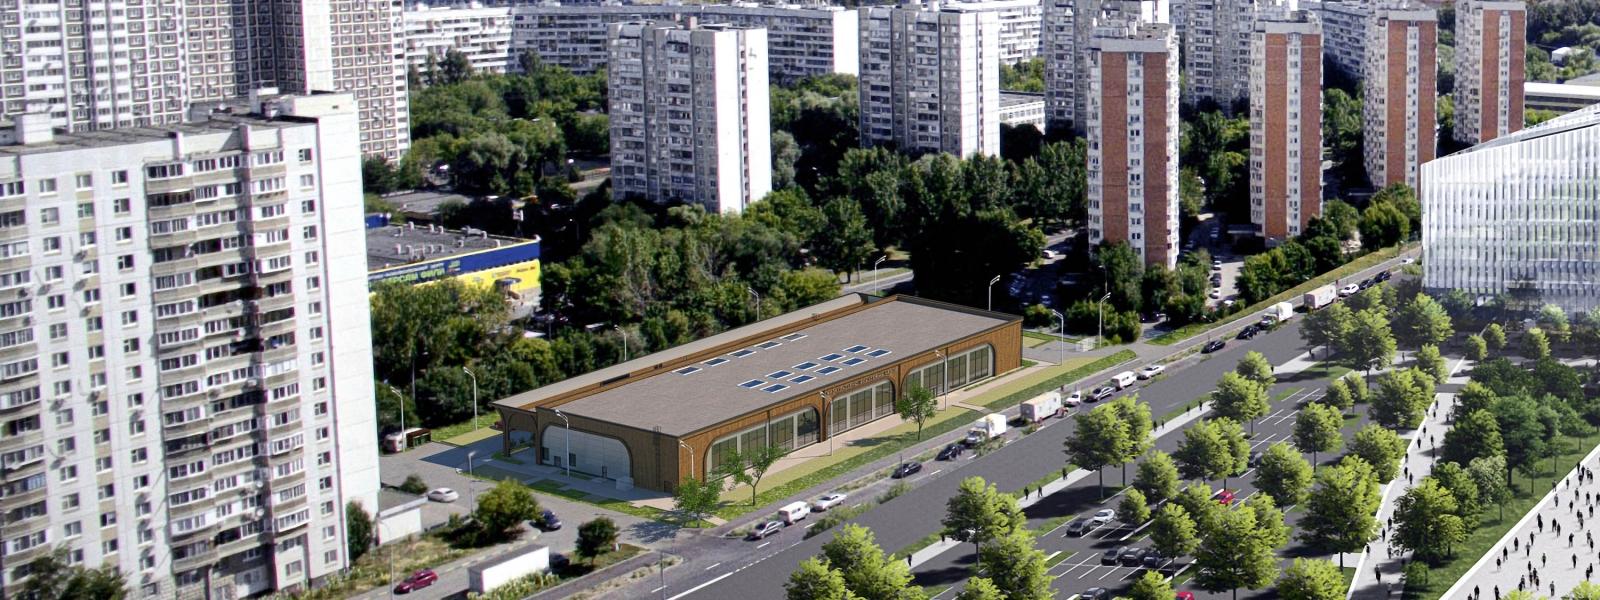 work-Современный энергоэффективный объект для размещения спортивно-развлекательного комплекса, расположенный в московском городском районе Фили